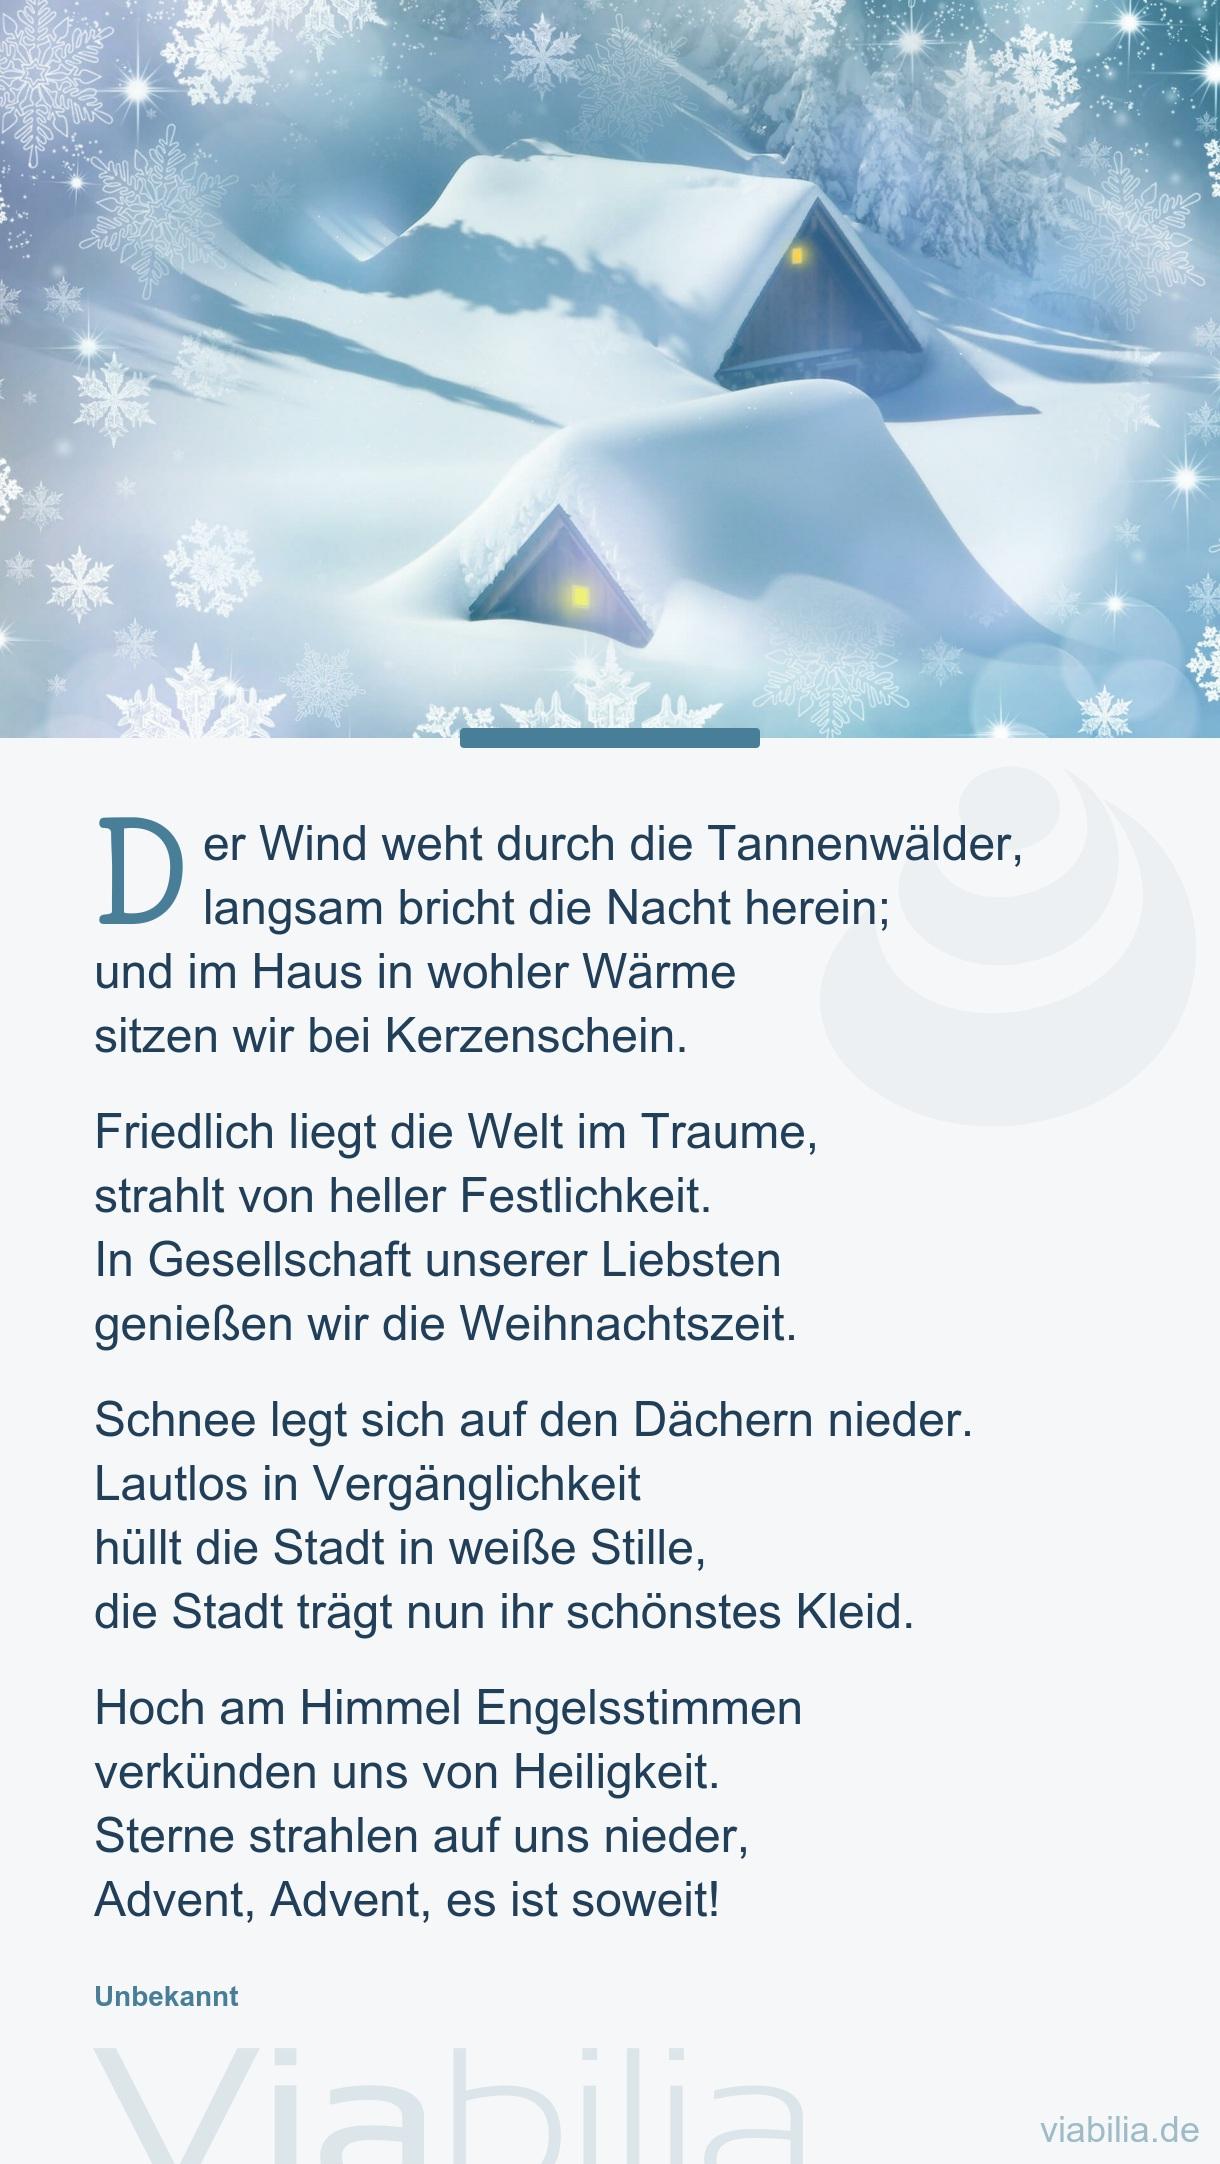 Der Wind Weht Durch Die Tannenwälder, Langsam Bricht bestimmt für Rainer Maria Rilke Weihnachtsgedichte